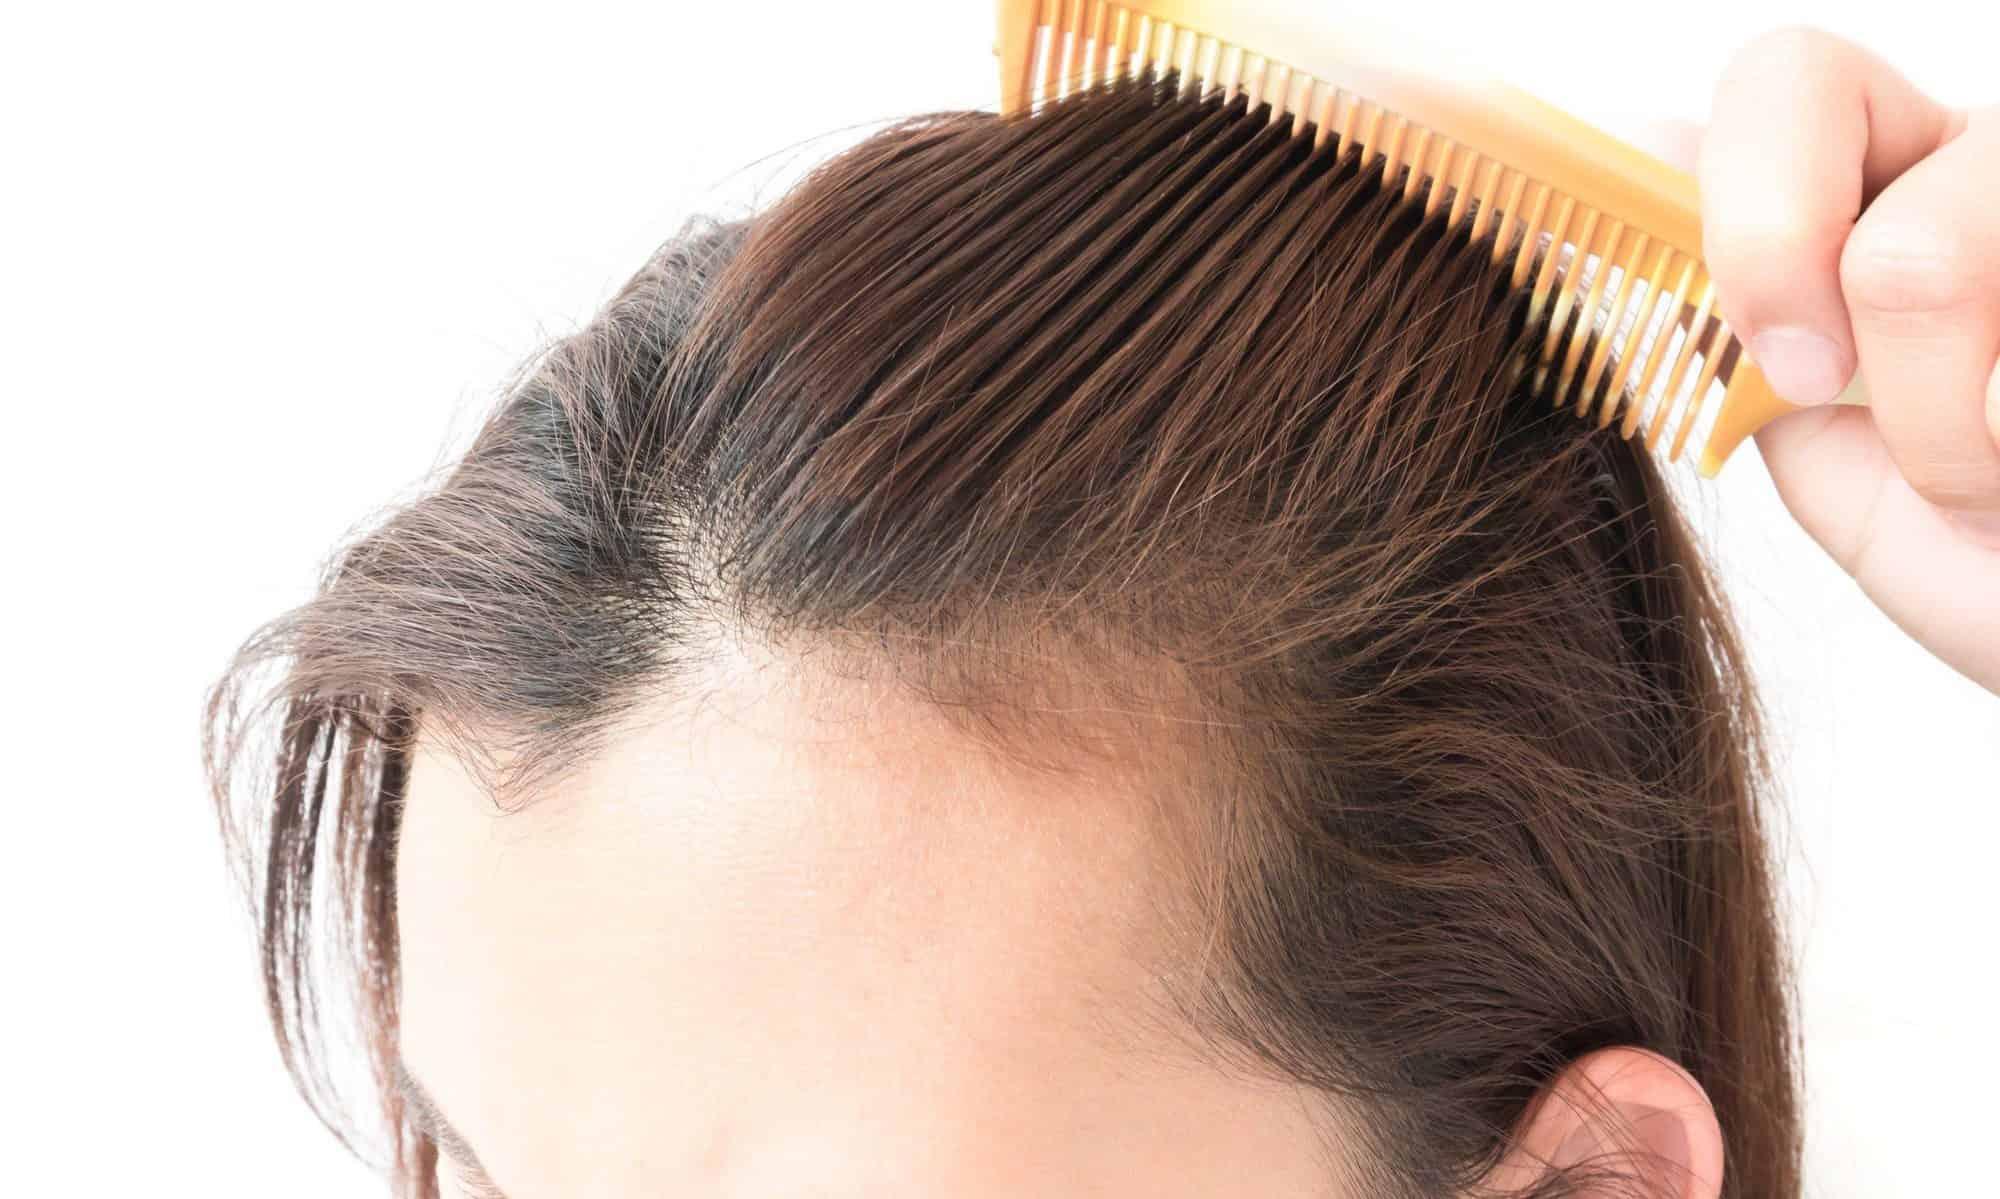 صور علاج لتساقط الشعر مجرب , افضل علاج مضمون لسقوط الشعر